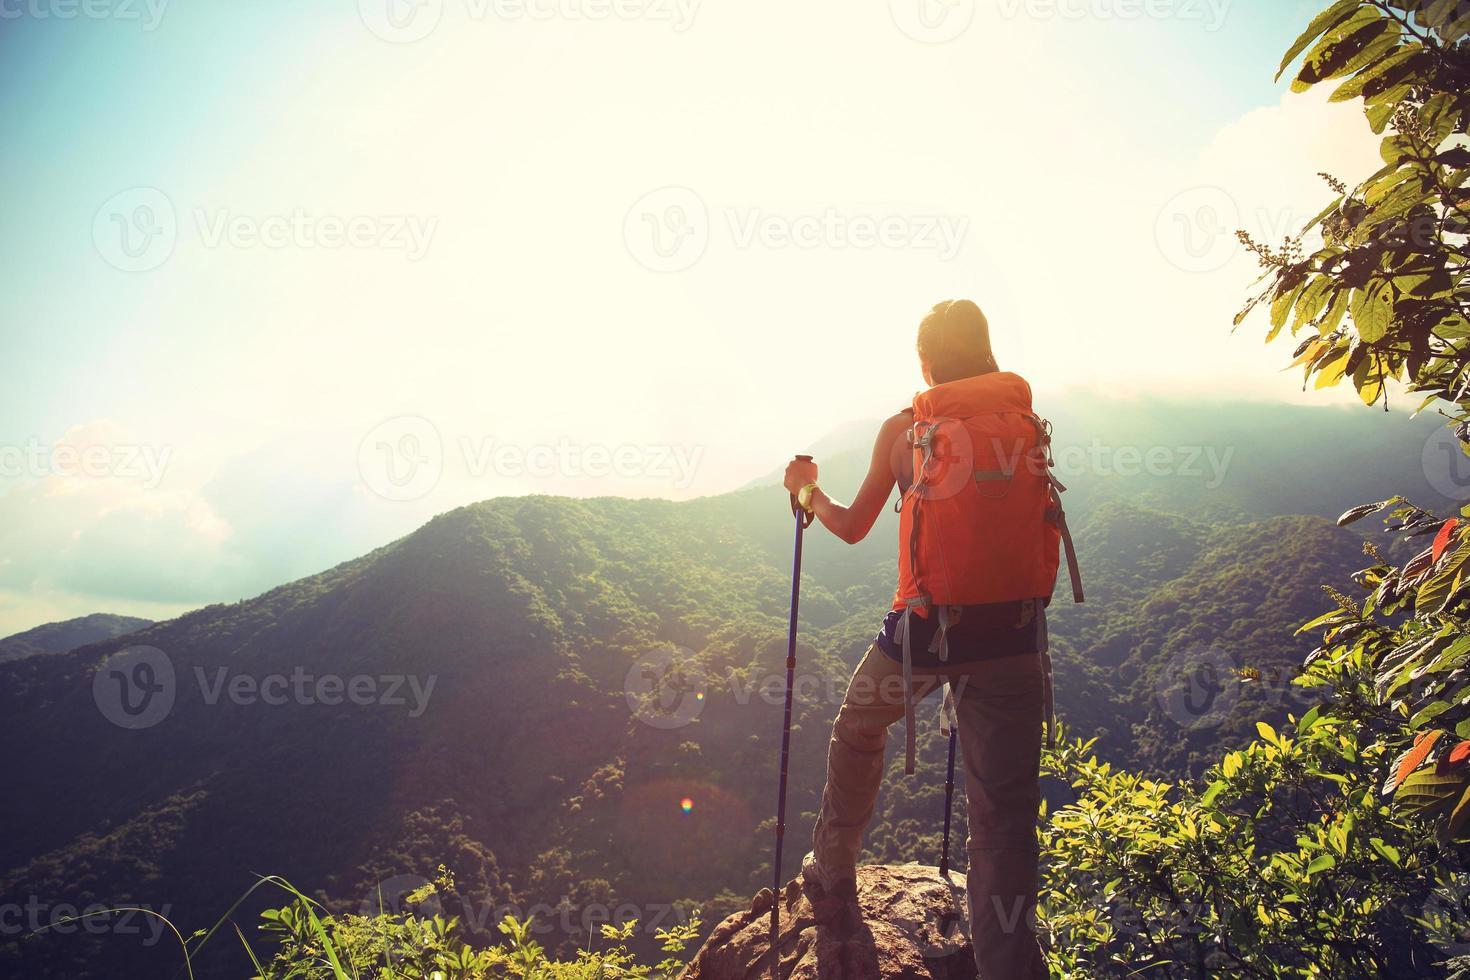 torcendo alpinista mulher subindo ao pico da montanha foto